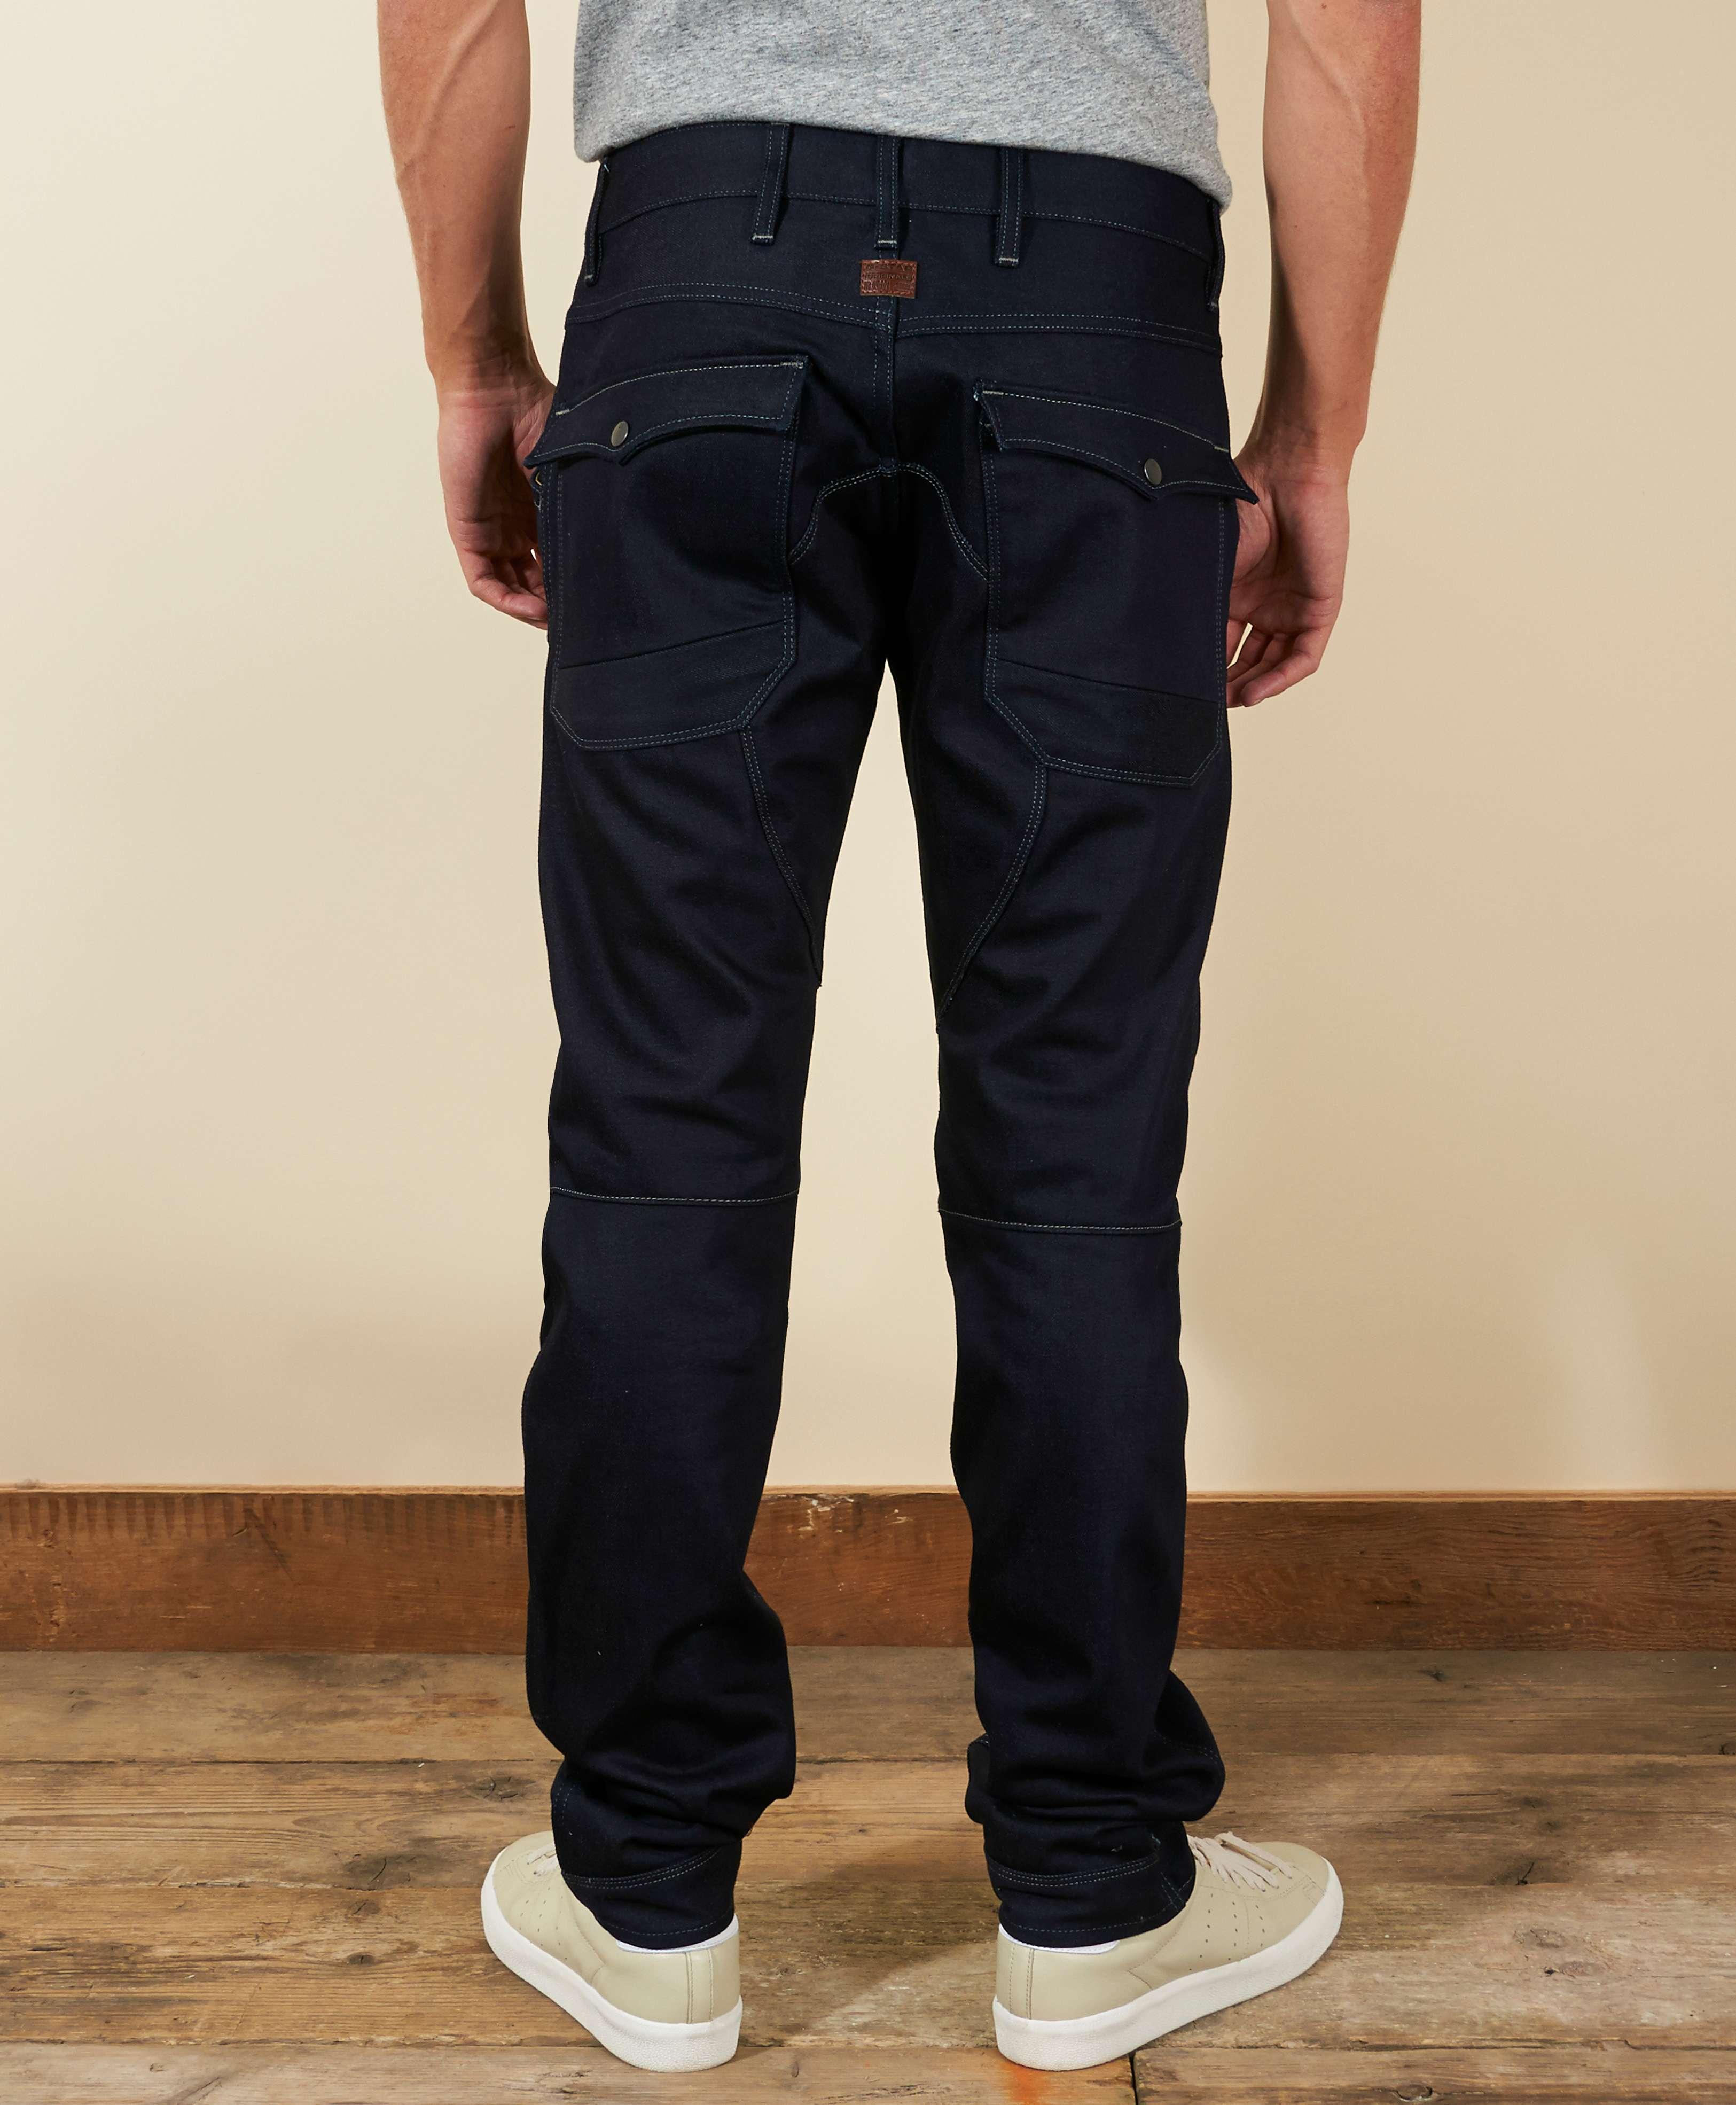 g star 5620 hunter 3d loose tapered jeans scotts menswear. Black Bedroom Furniture Sets. Home Design Ideas